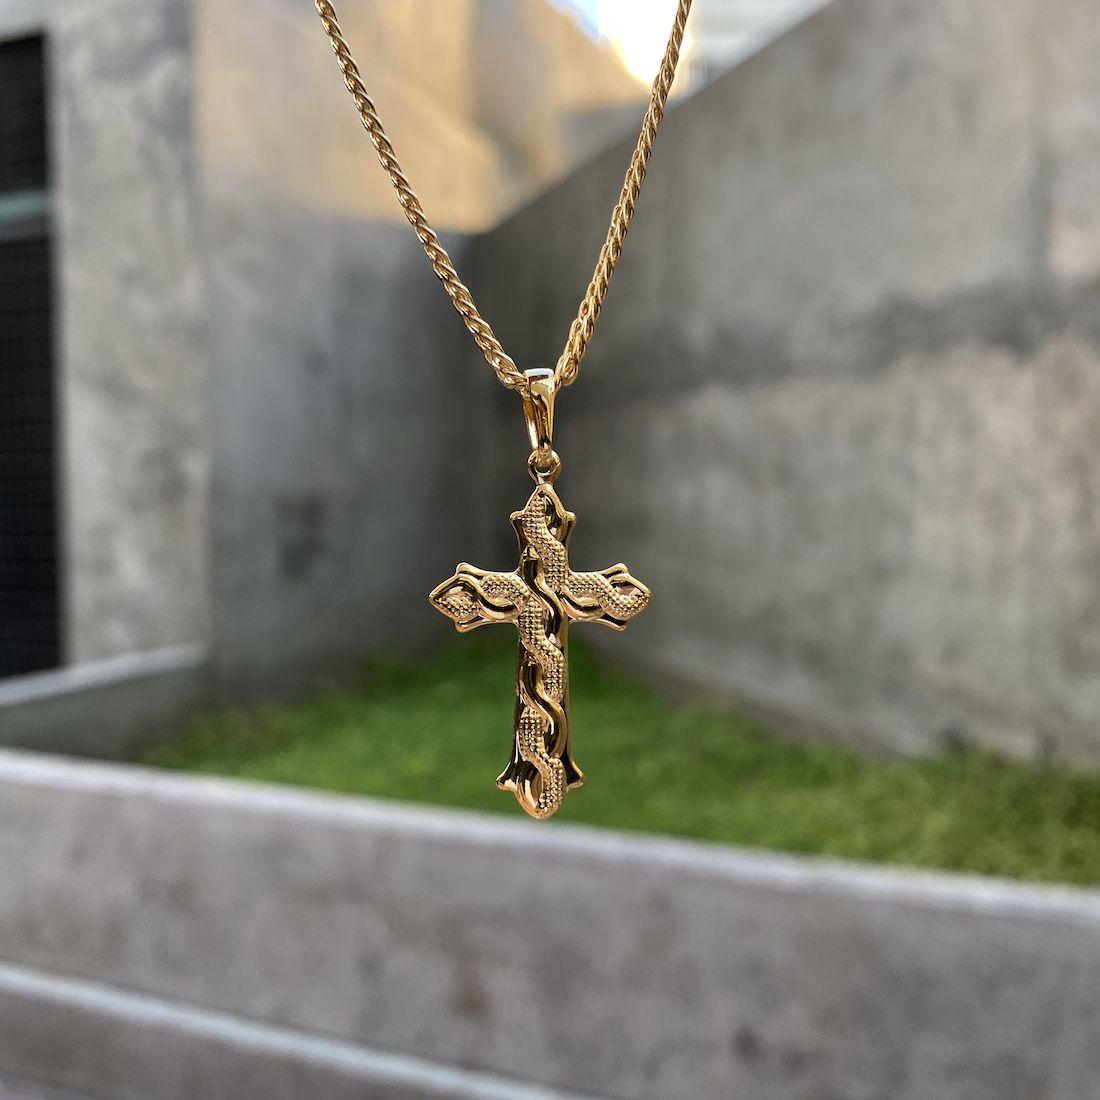 Pingente Crucifixo Cobra 3,2cm X 2,0cm (Banho Ouro 24k)